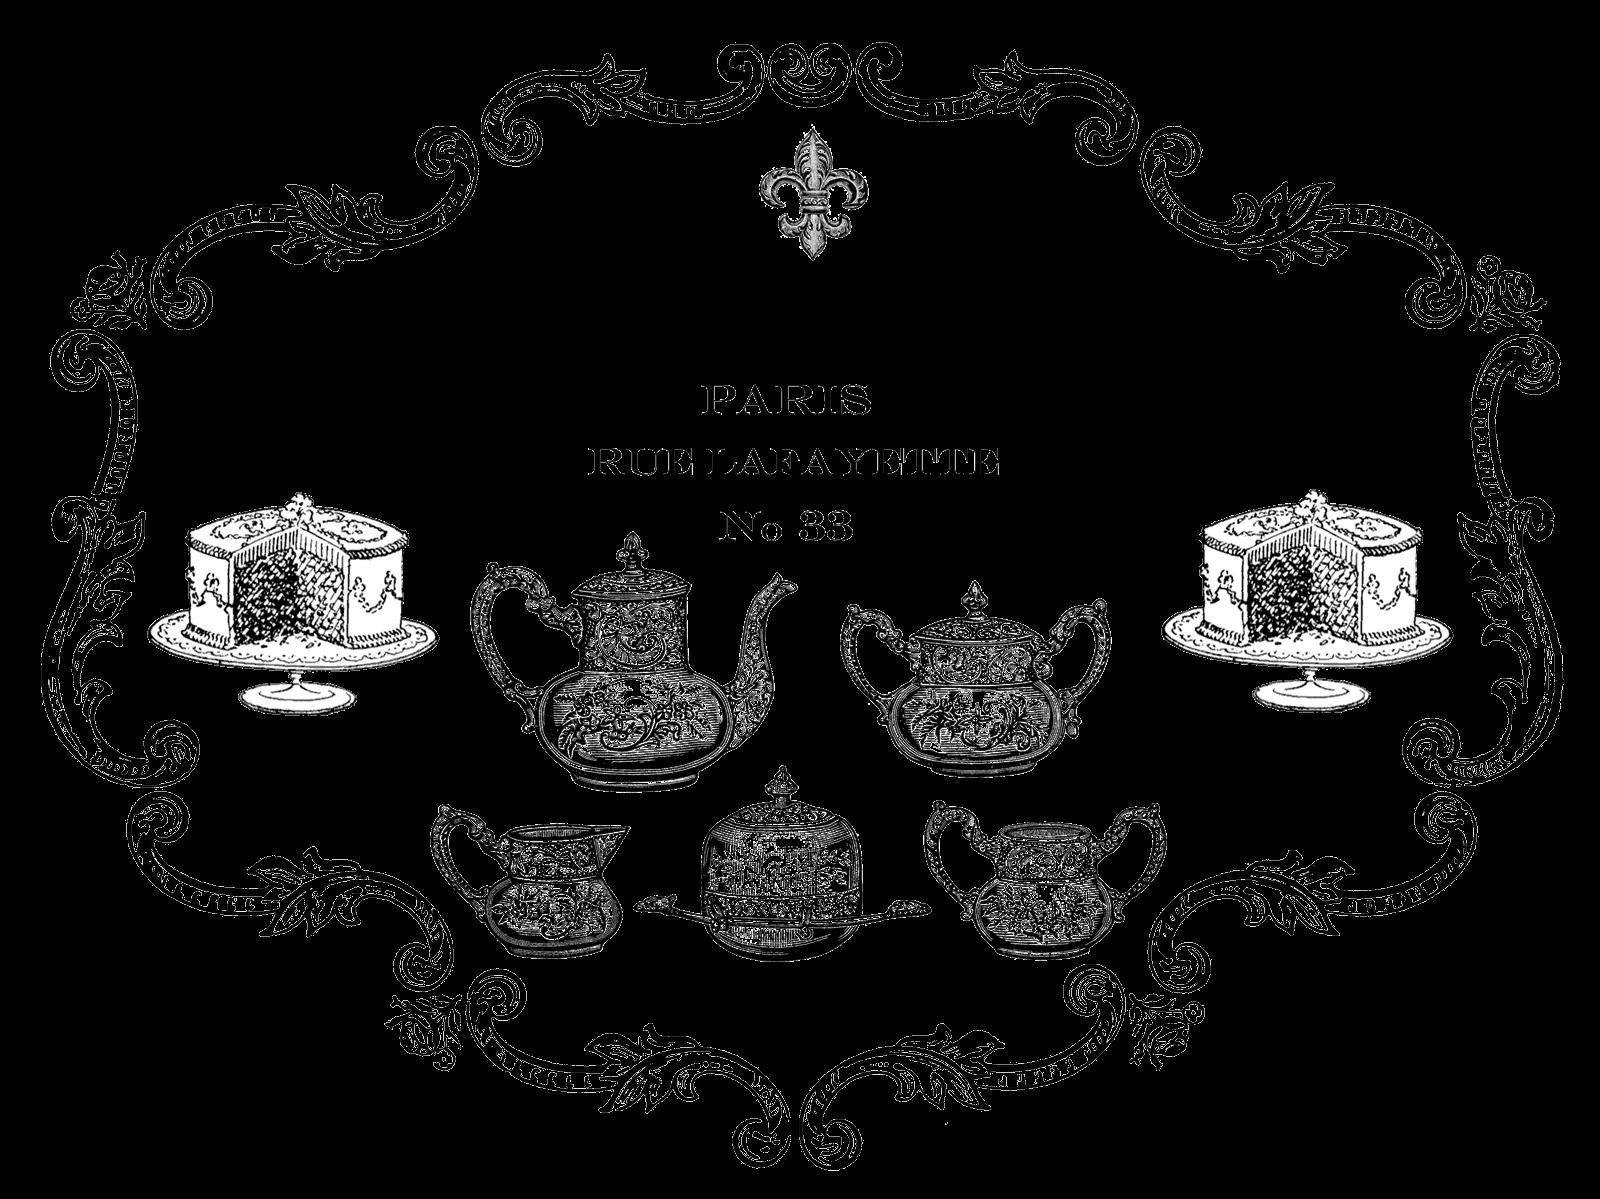 картинки для распечатки этикетки грузинских вин в зеркальном отображении